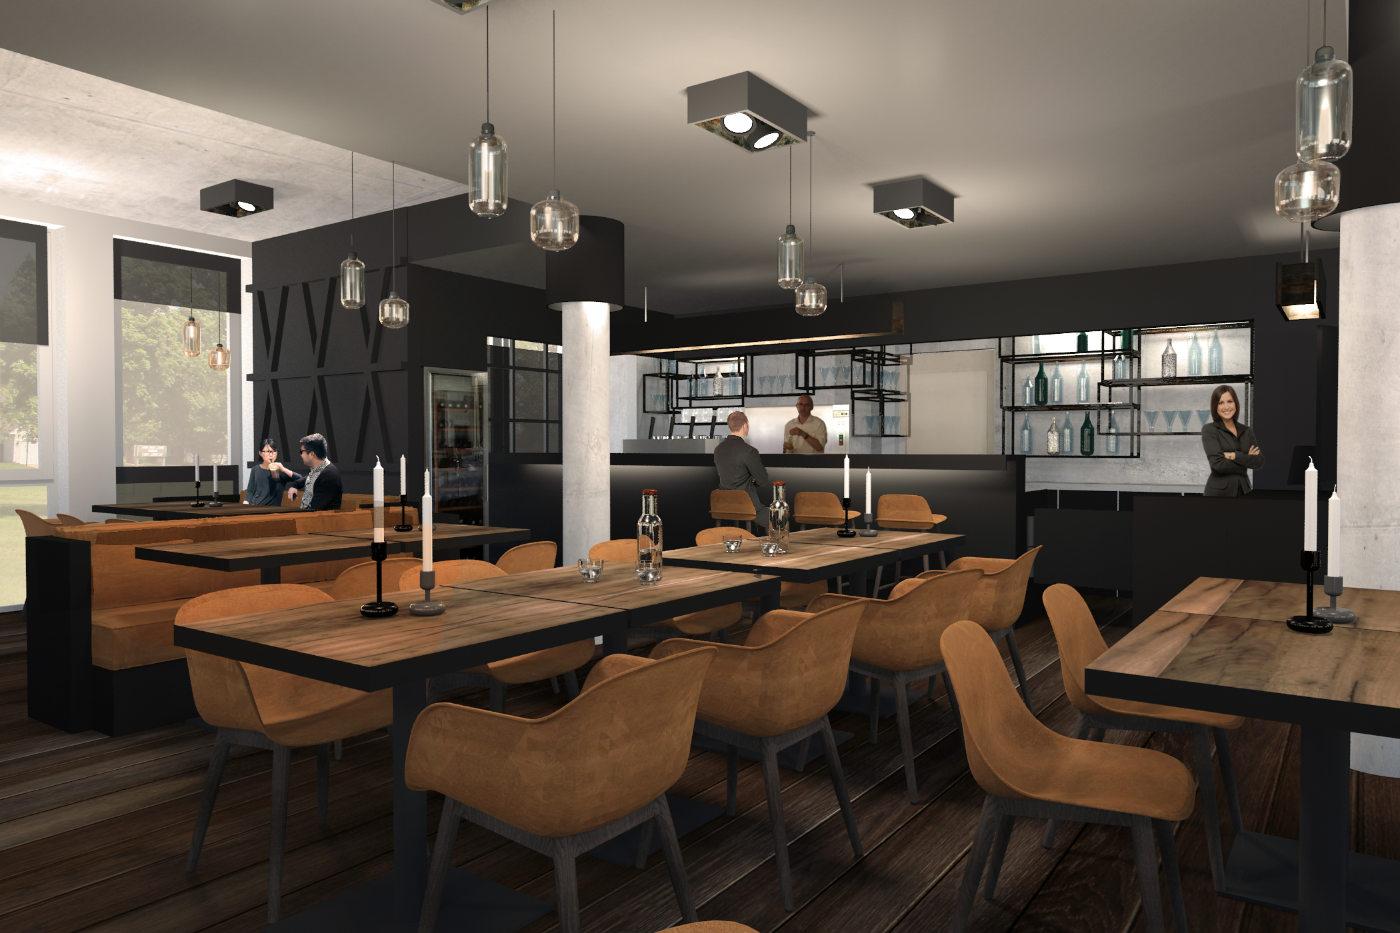 Restaurant design und interieur für ein Fischrestaurant in Berlin